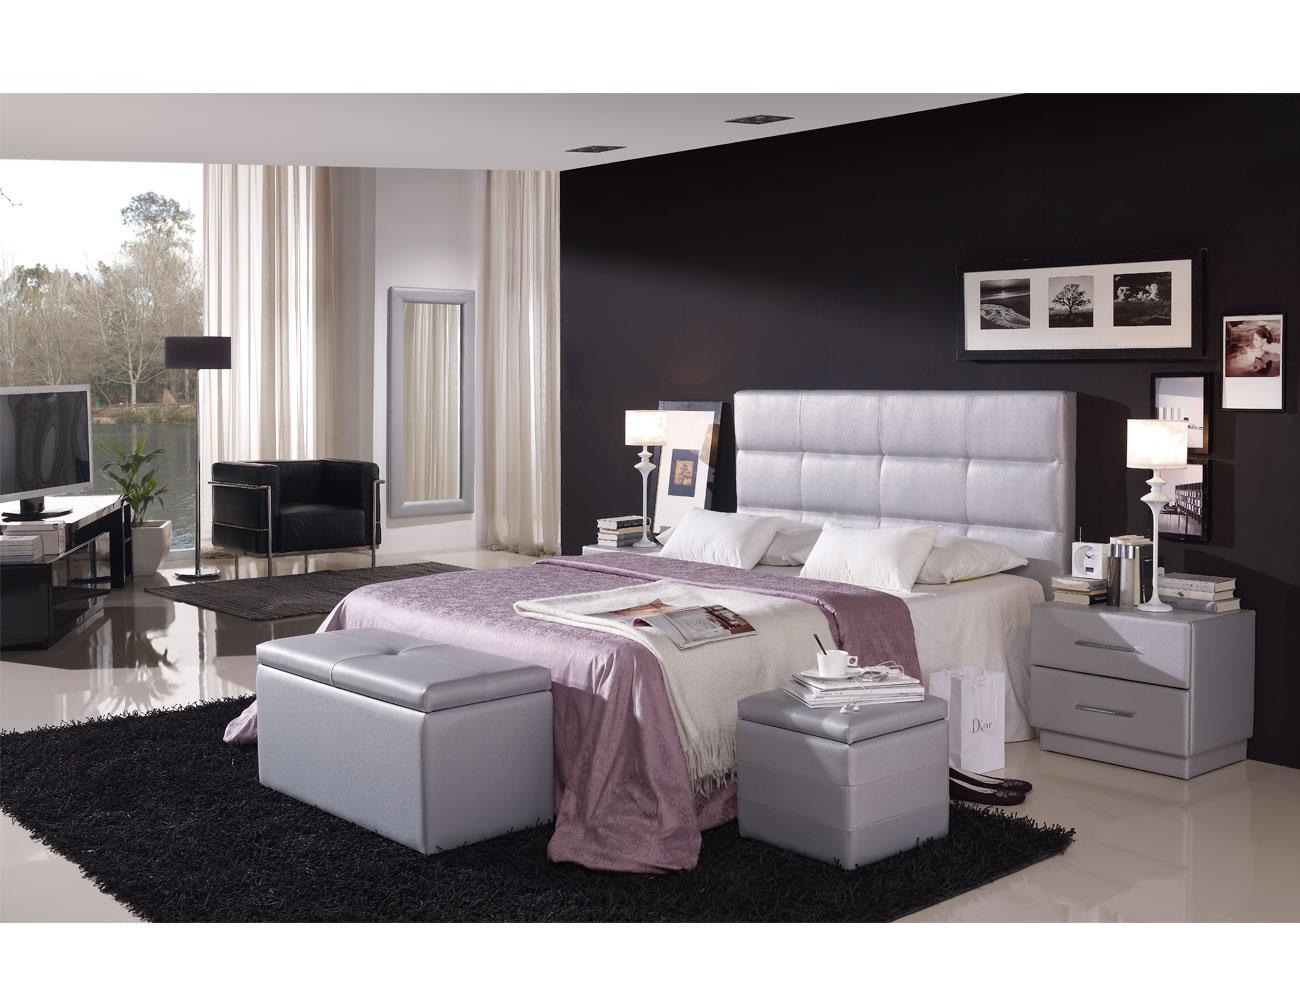 23 marco tapizado dormitorio93